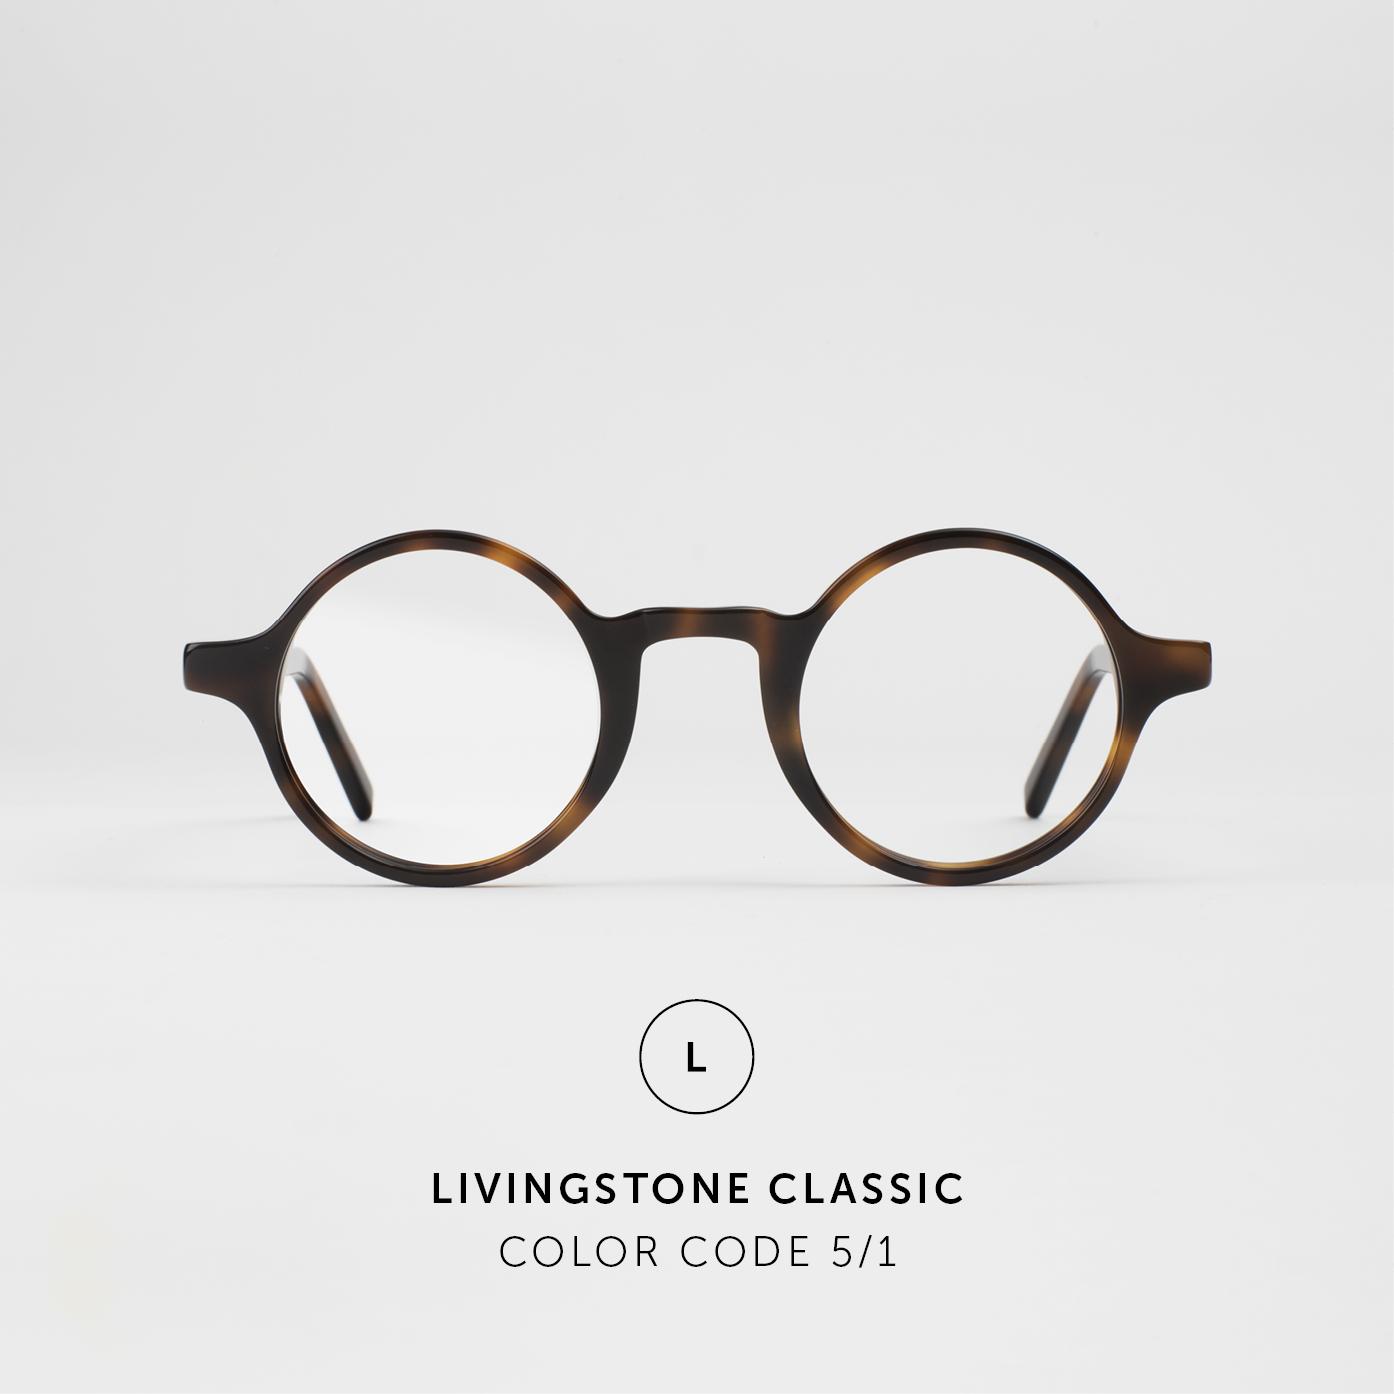 LivingstoneClassic29.jpg